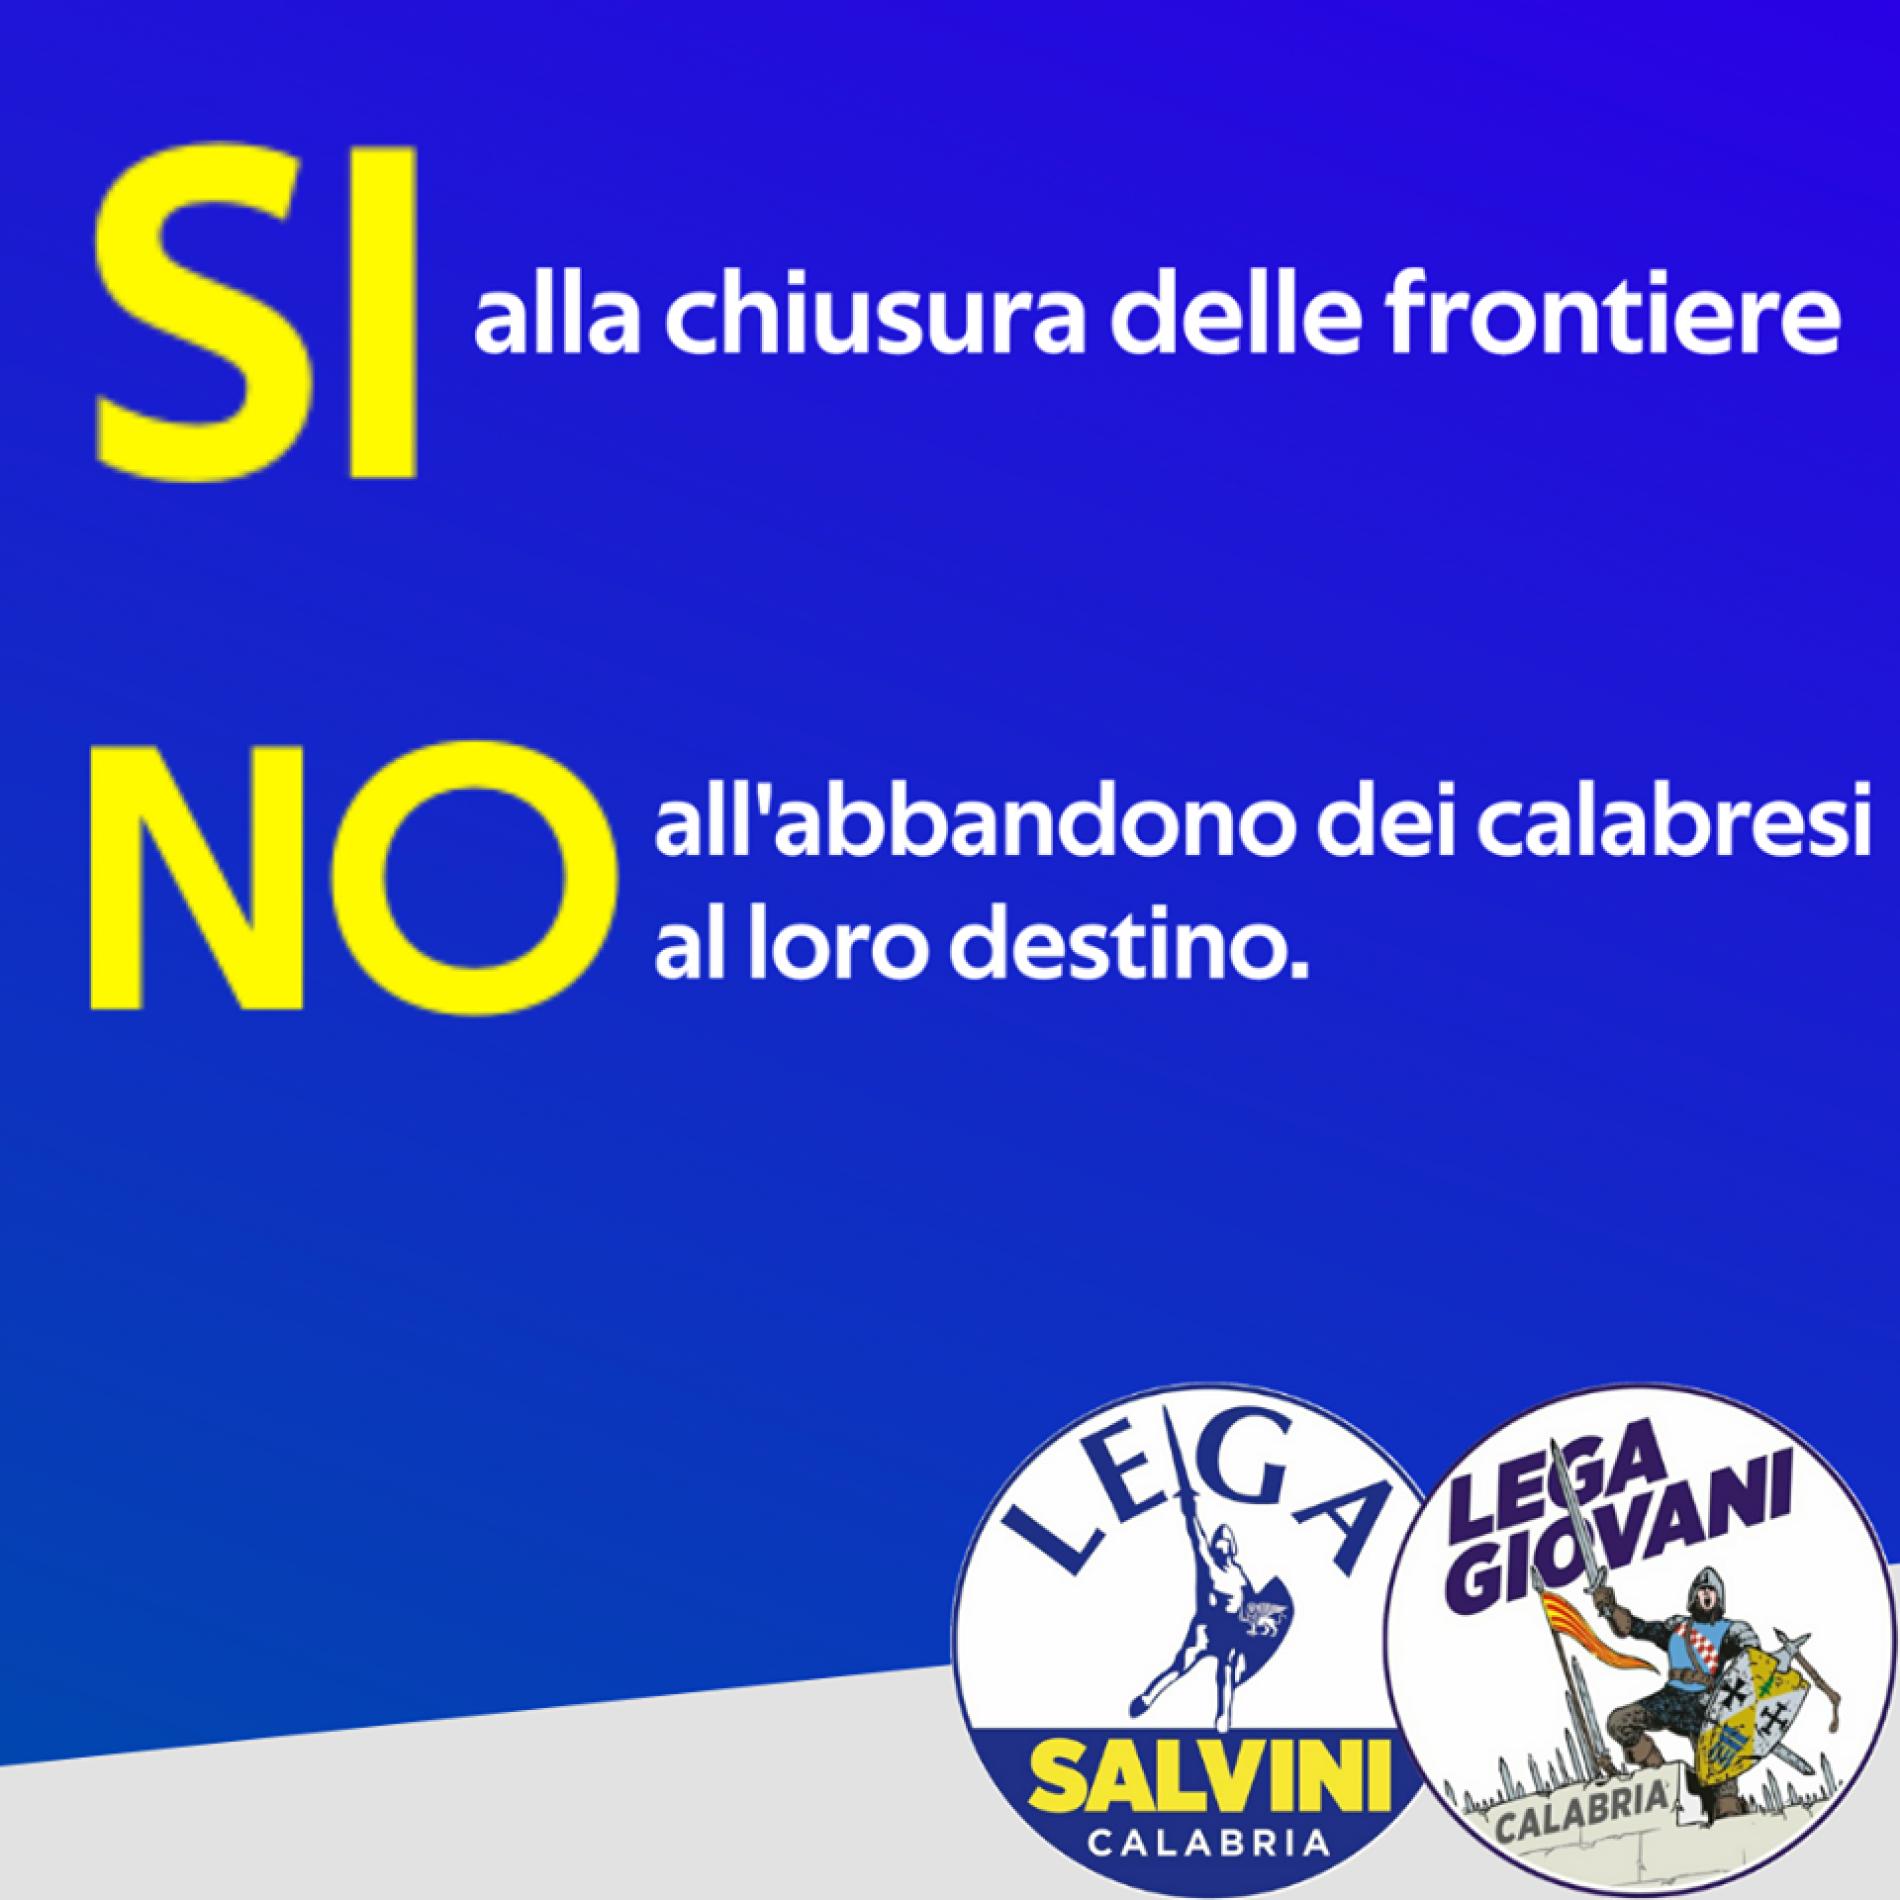 """Lega Calabria:""""SONO SENZA VERGOGNA.Vogliono distogliere la nostra posizione per attaccarci. """""""